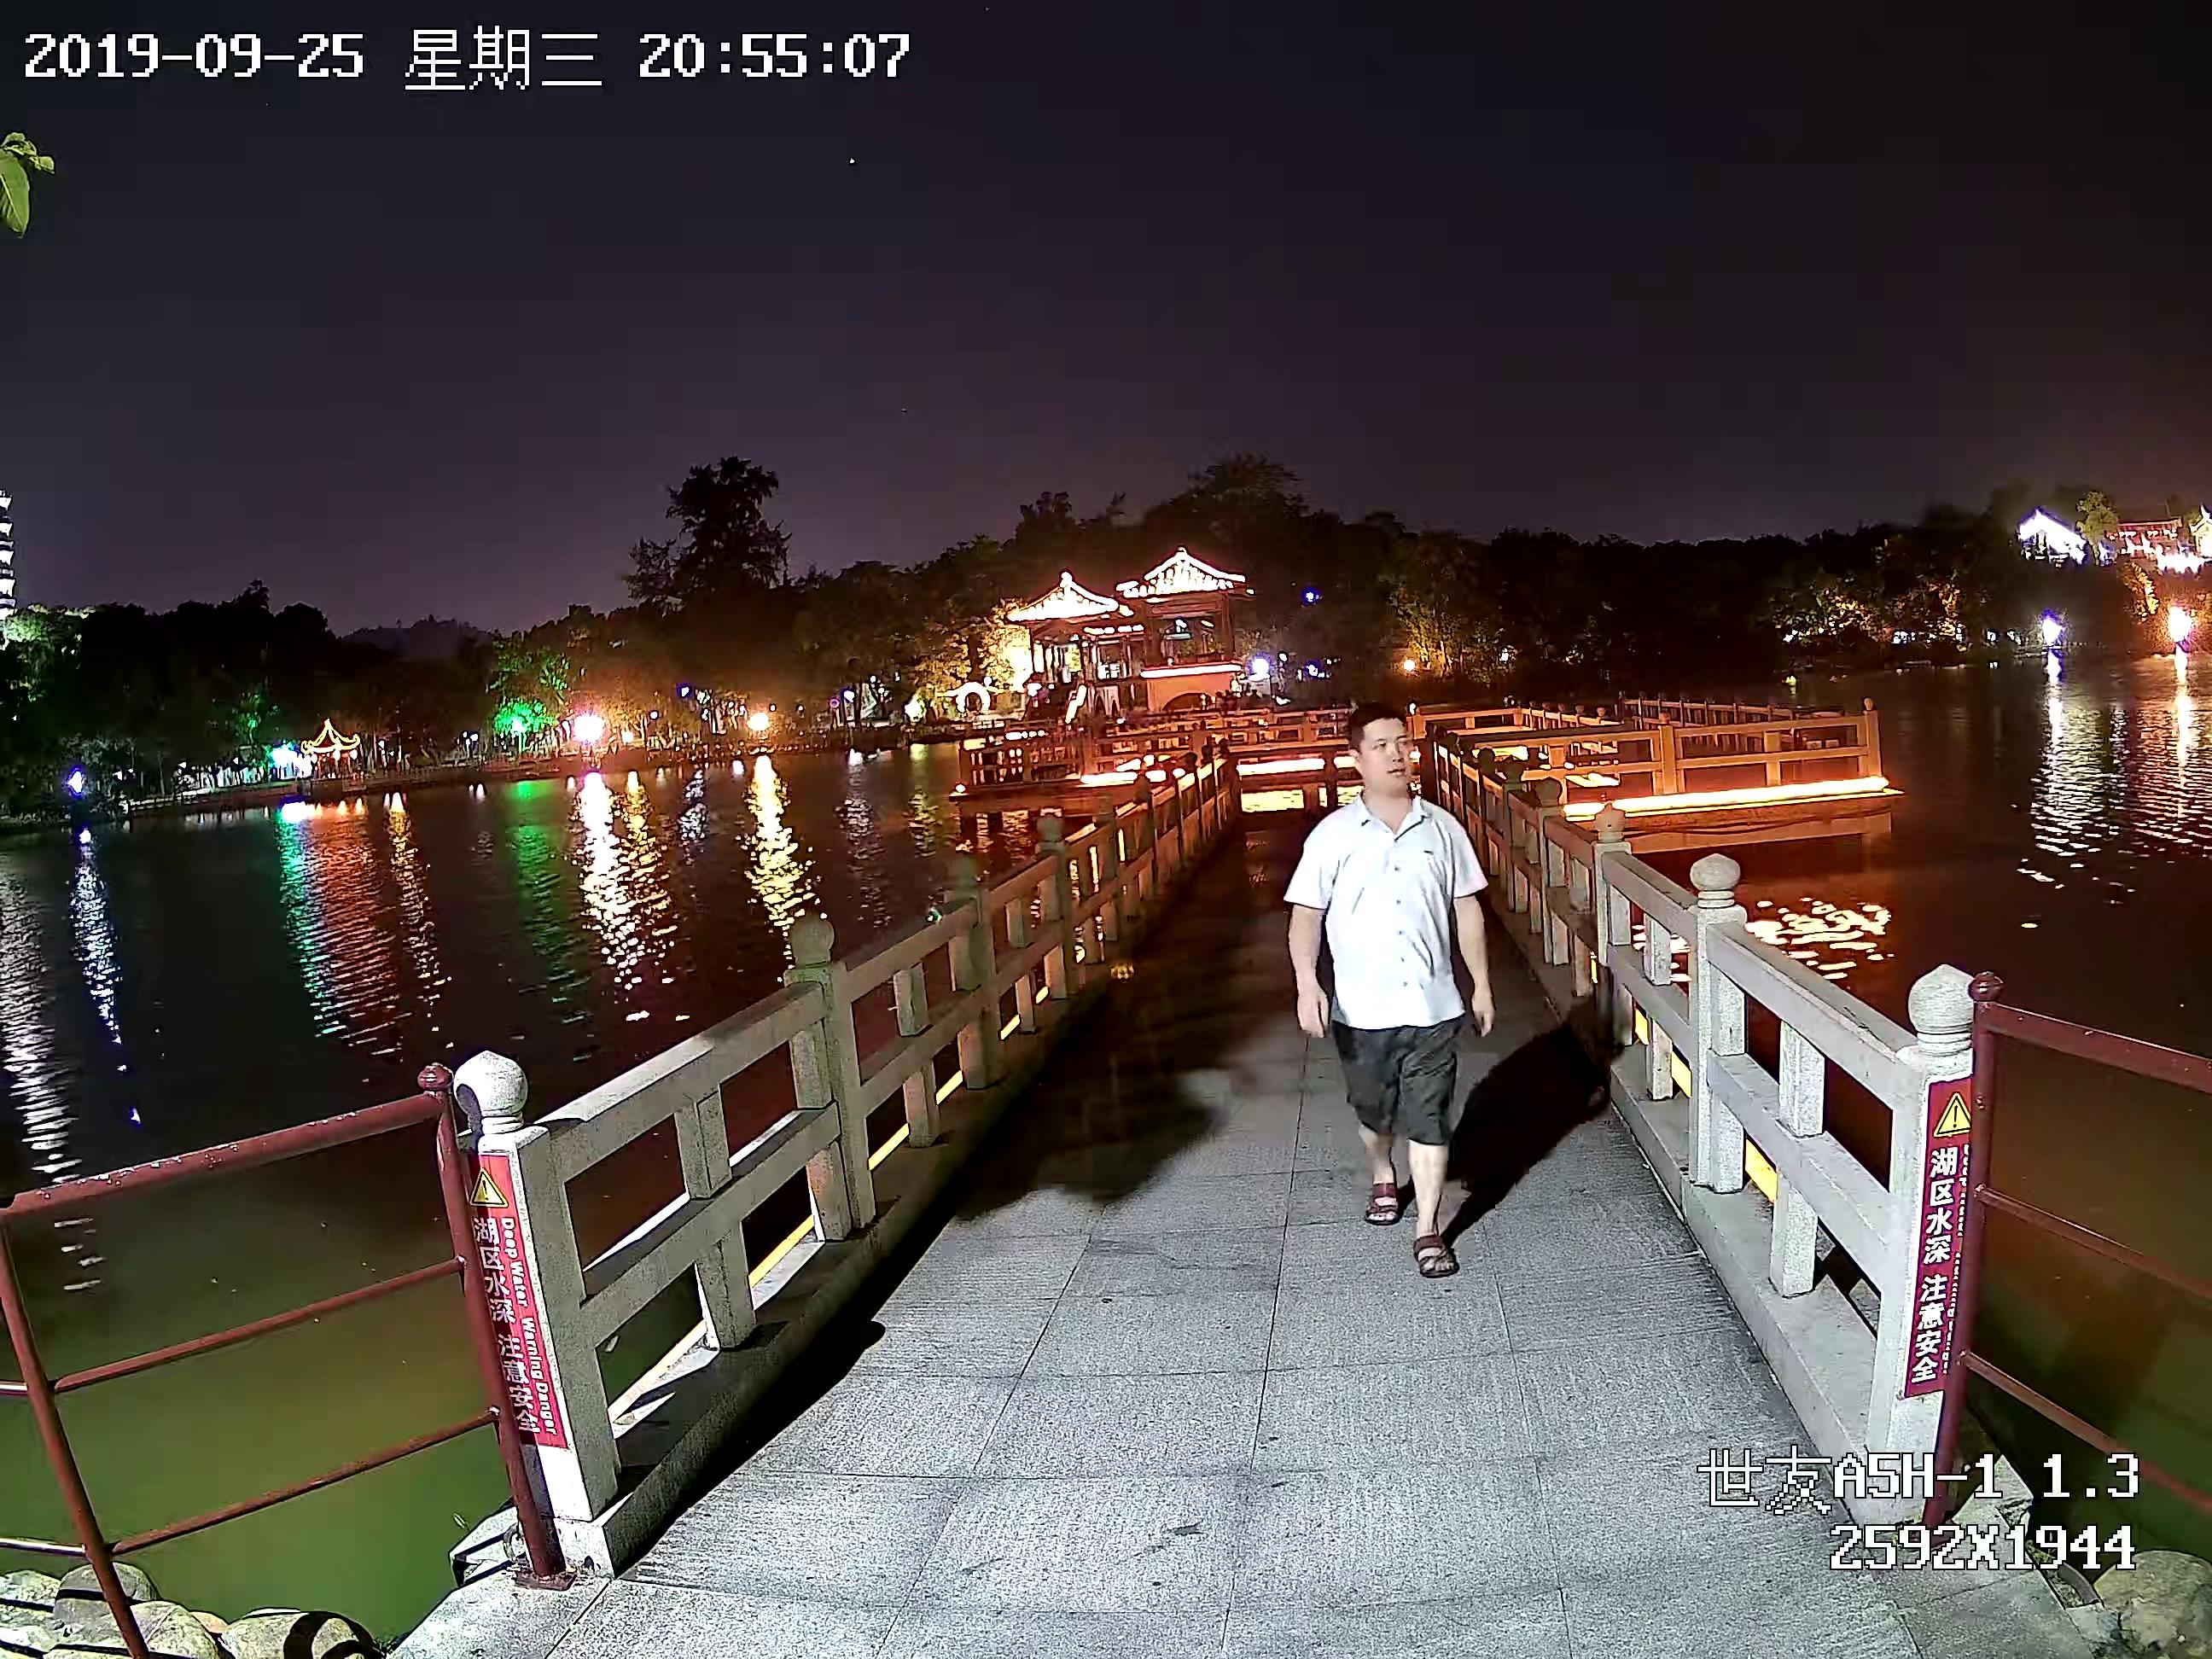 公园监控摄像机图片